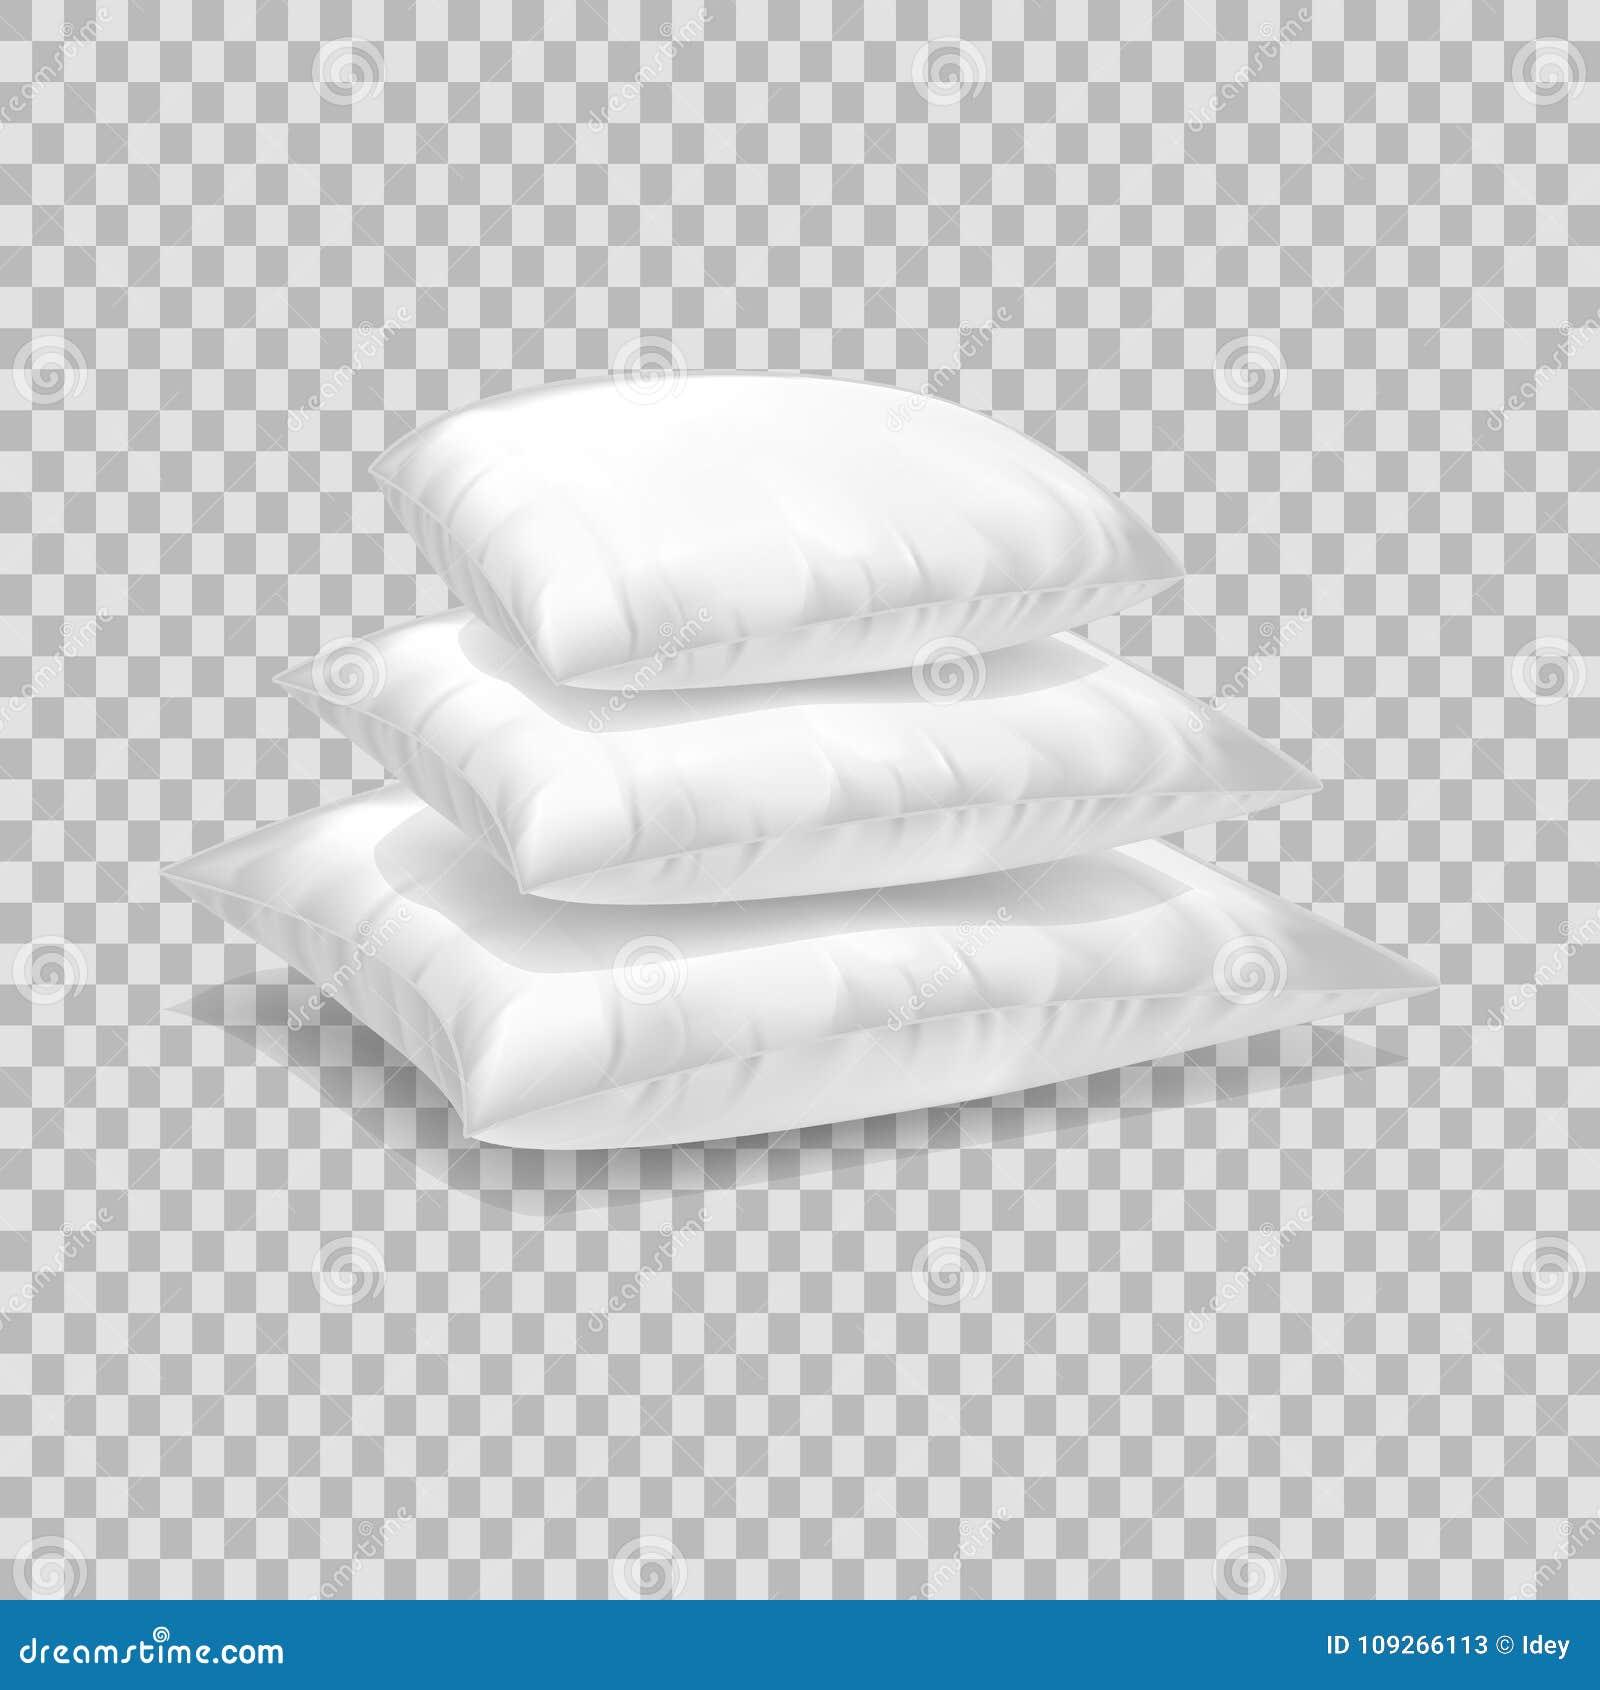 Calibre Realiste De Modele De L Oreiller Blanc Disposition Blanche D